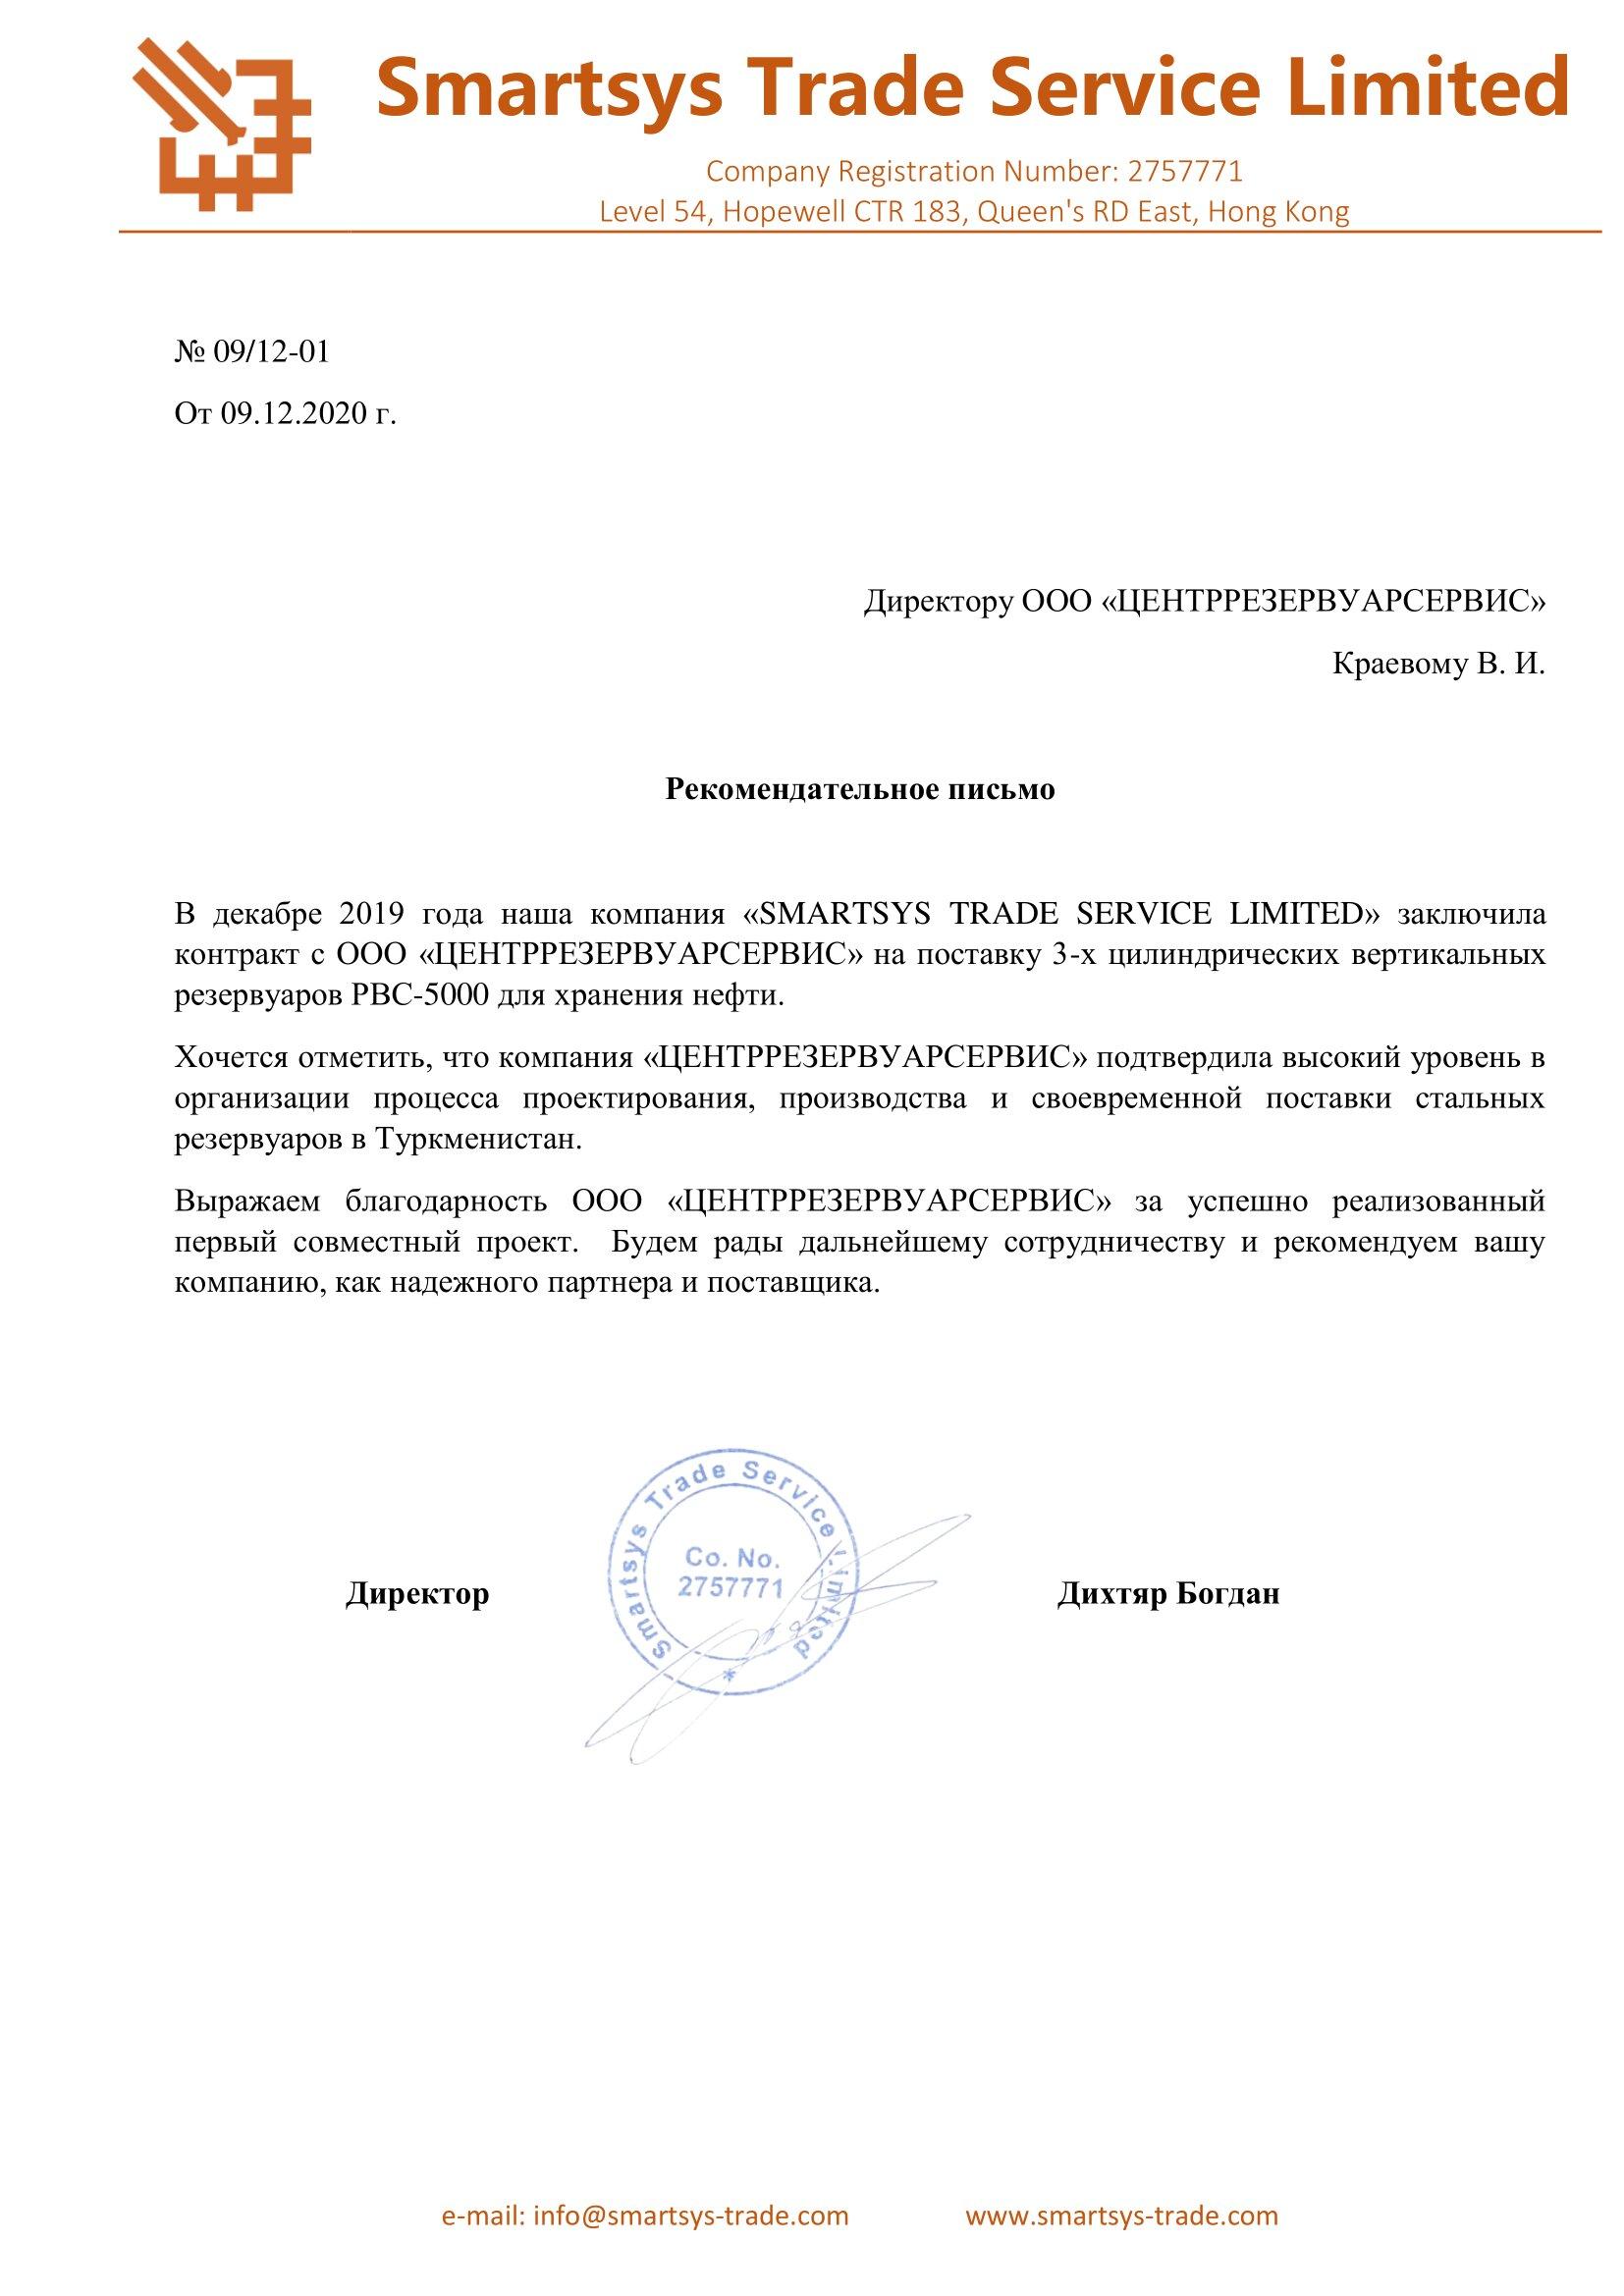 Otzyv Smartsys trade service limited Turkmenistan